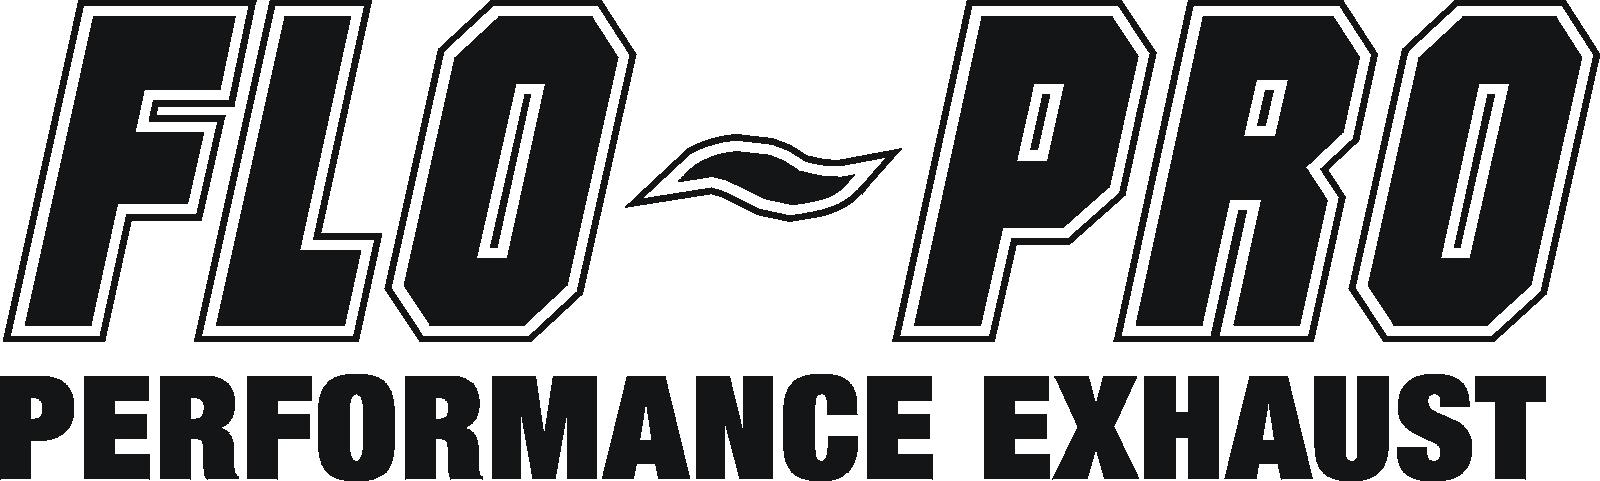 Flo Pro Download Logos